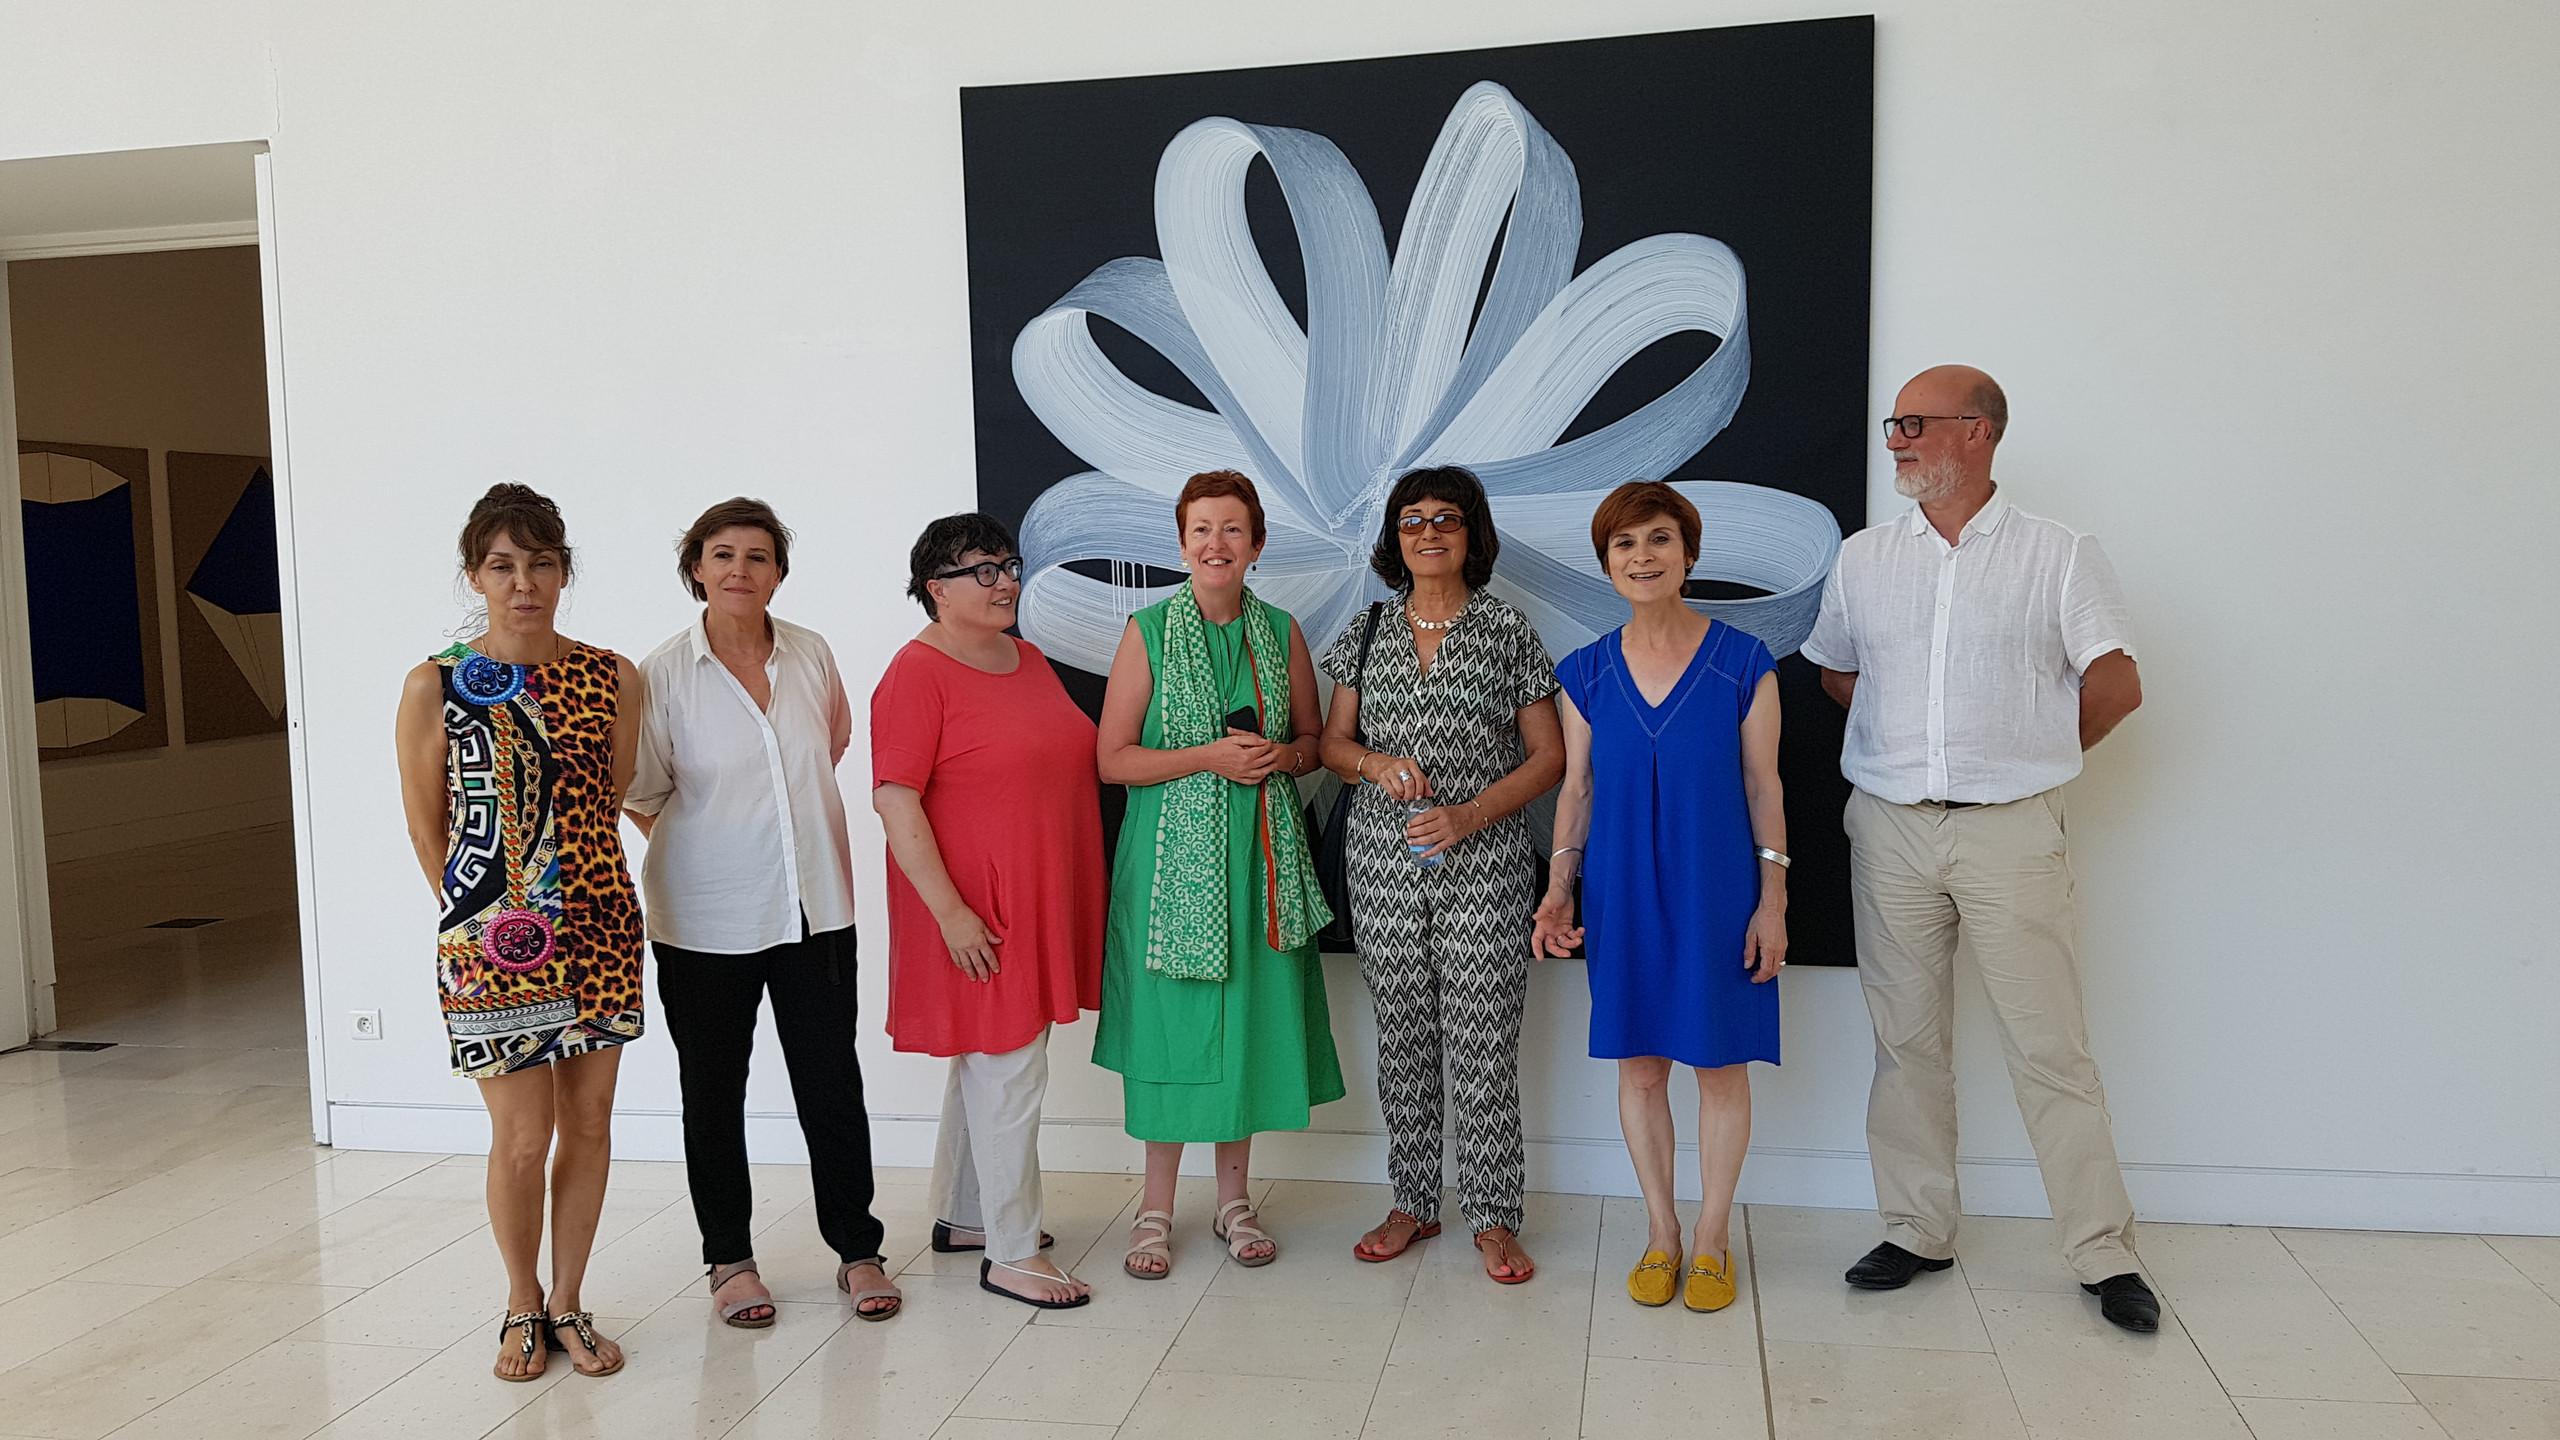 L'équipe du musée avec sa directrice Marlyse Courrech (en bleu) et le directeur de la culture de Villeneuve-sur-Lot